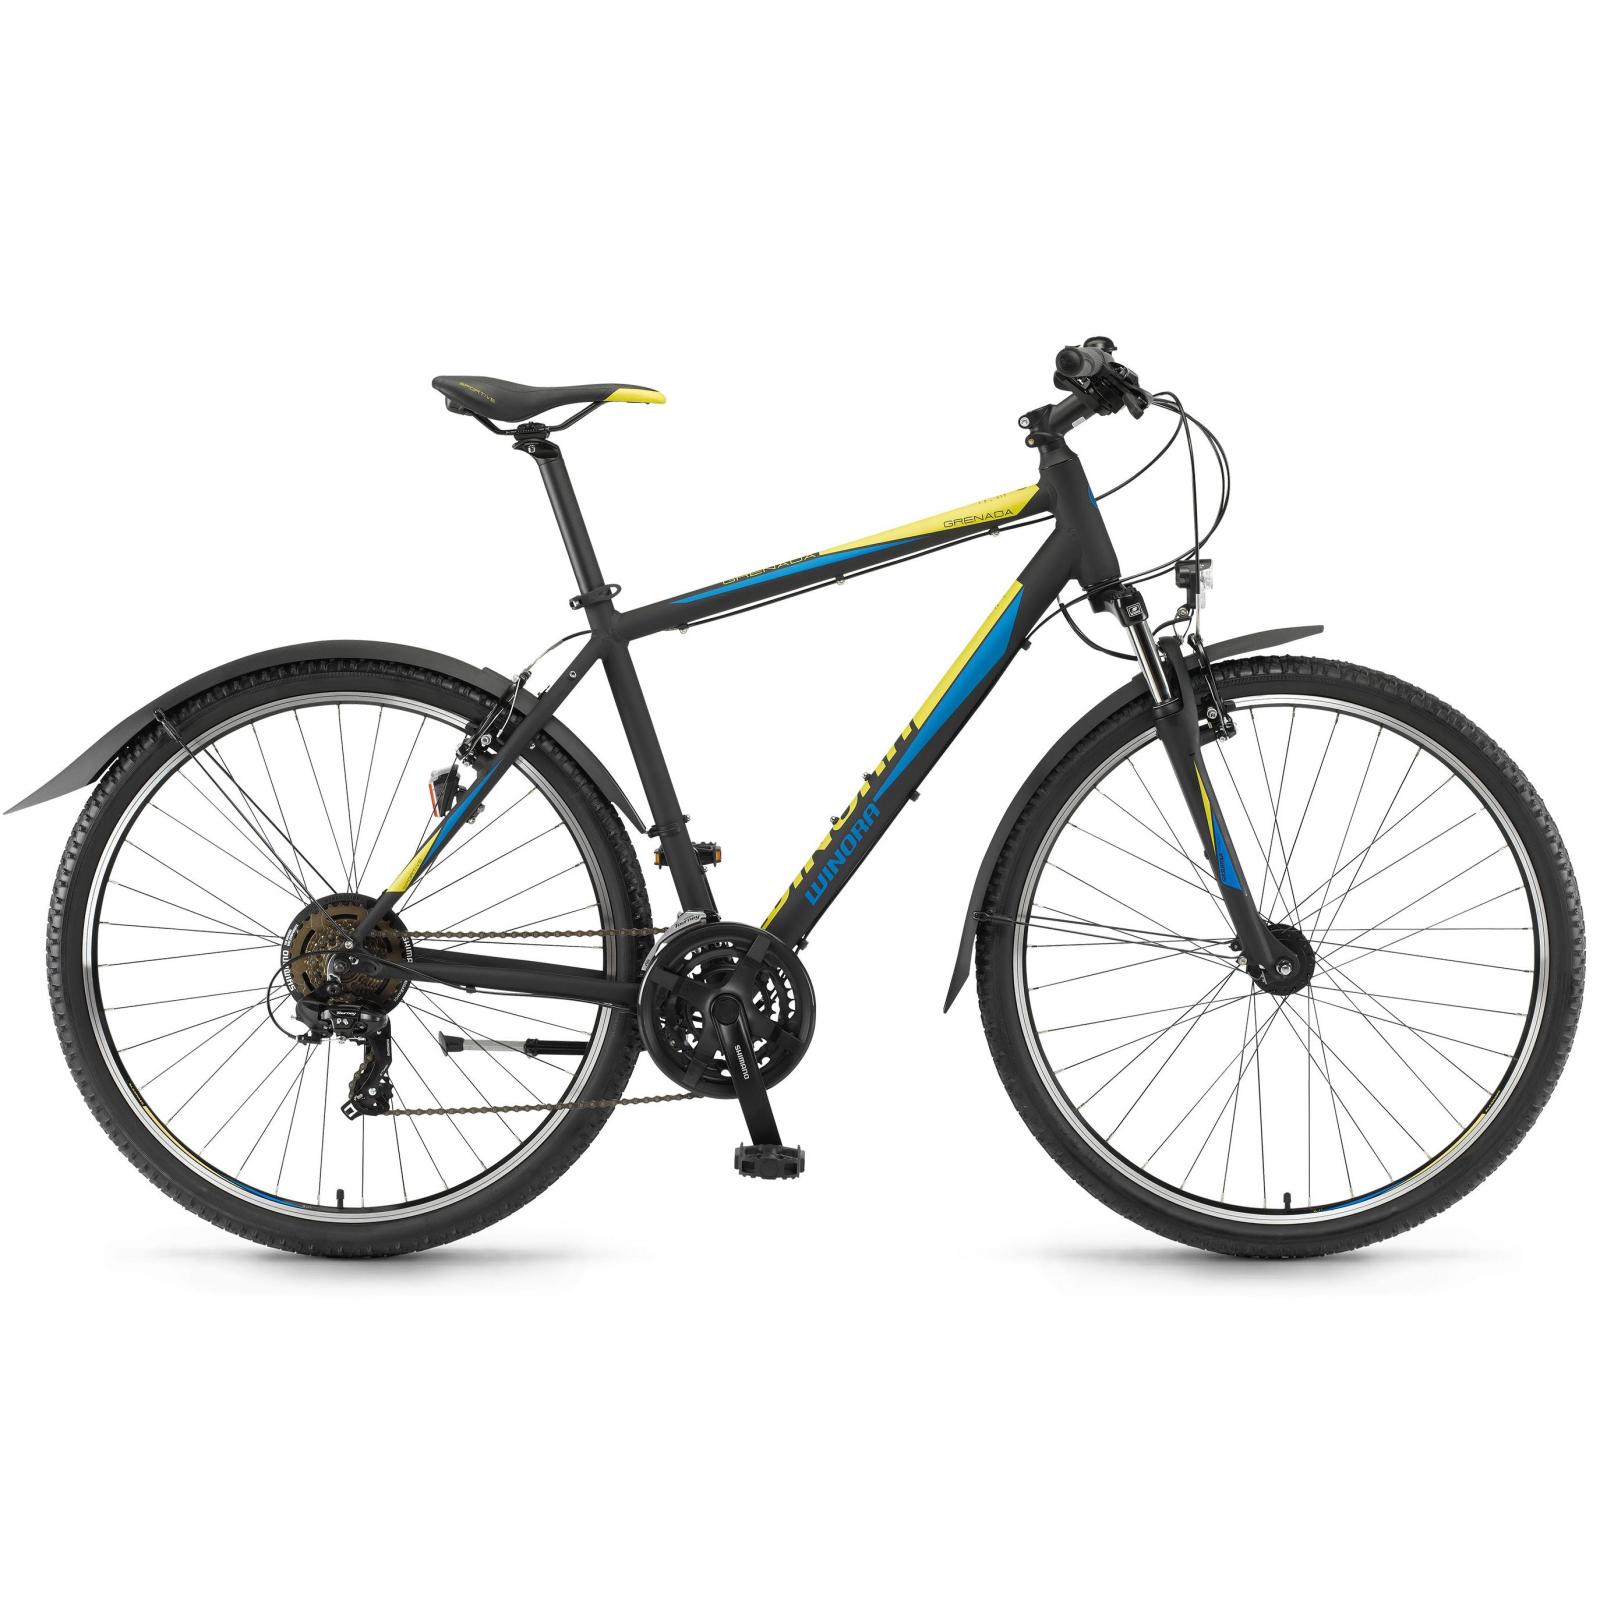 """Велосипед Winora Grenada men 28"""", рама 51см, 2018 (4090021751)"""